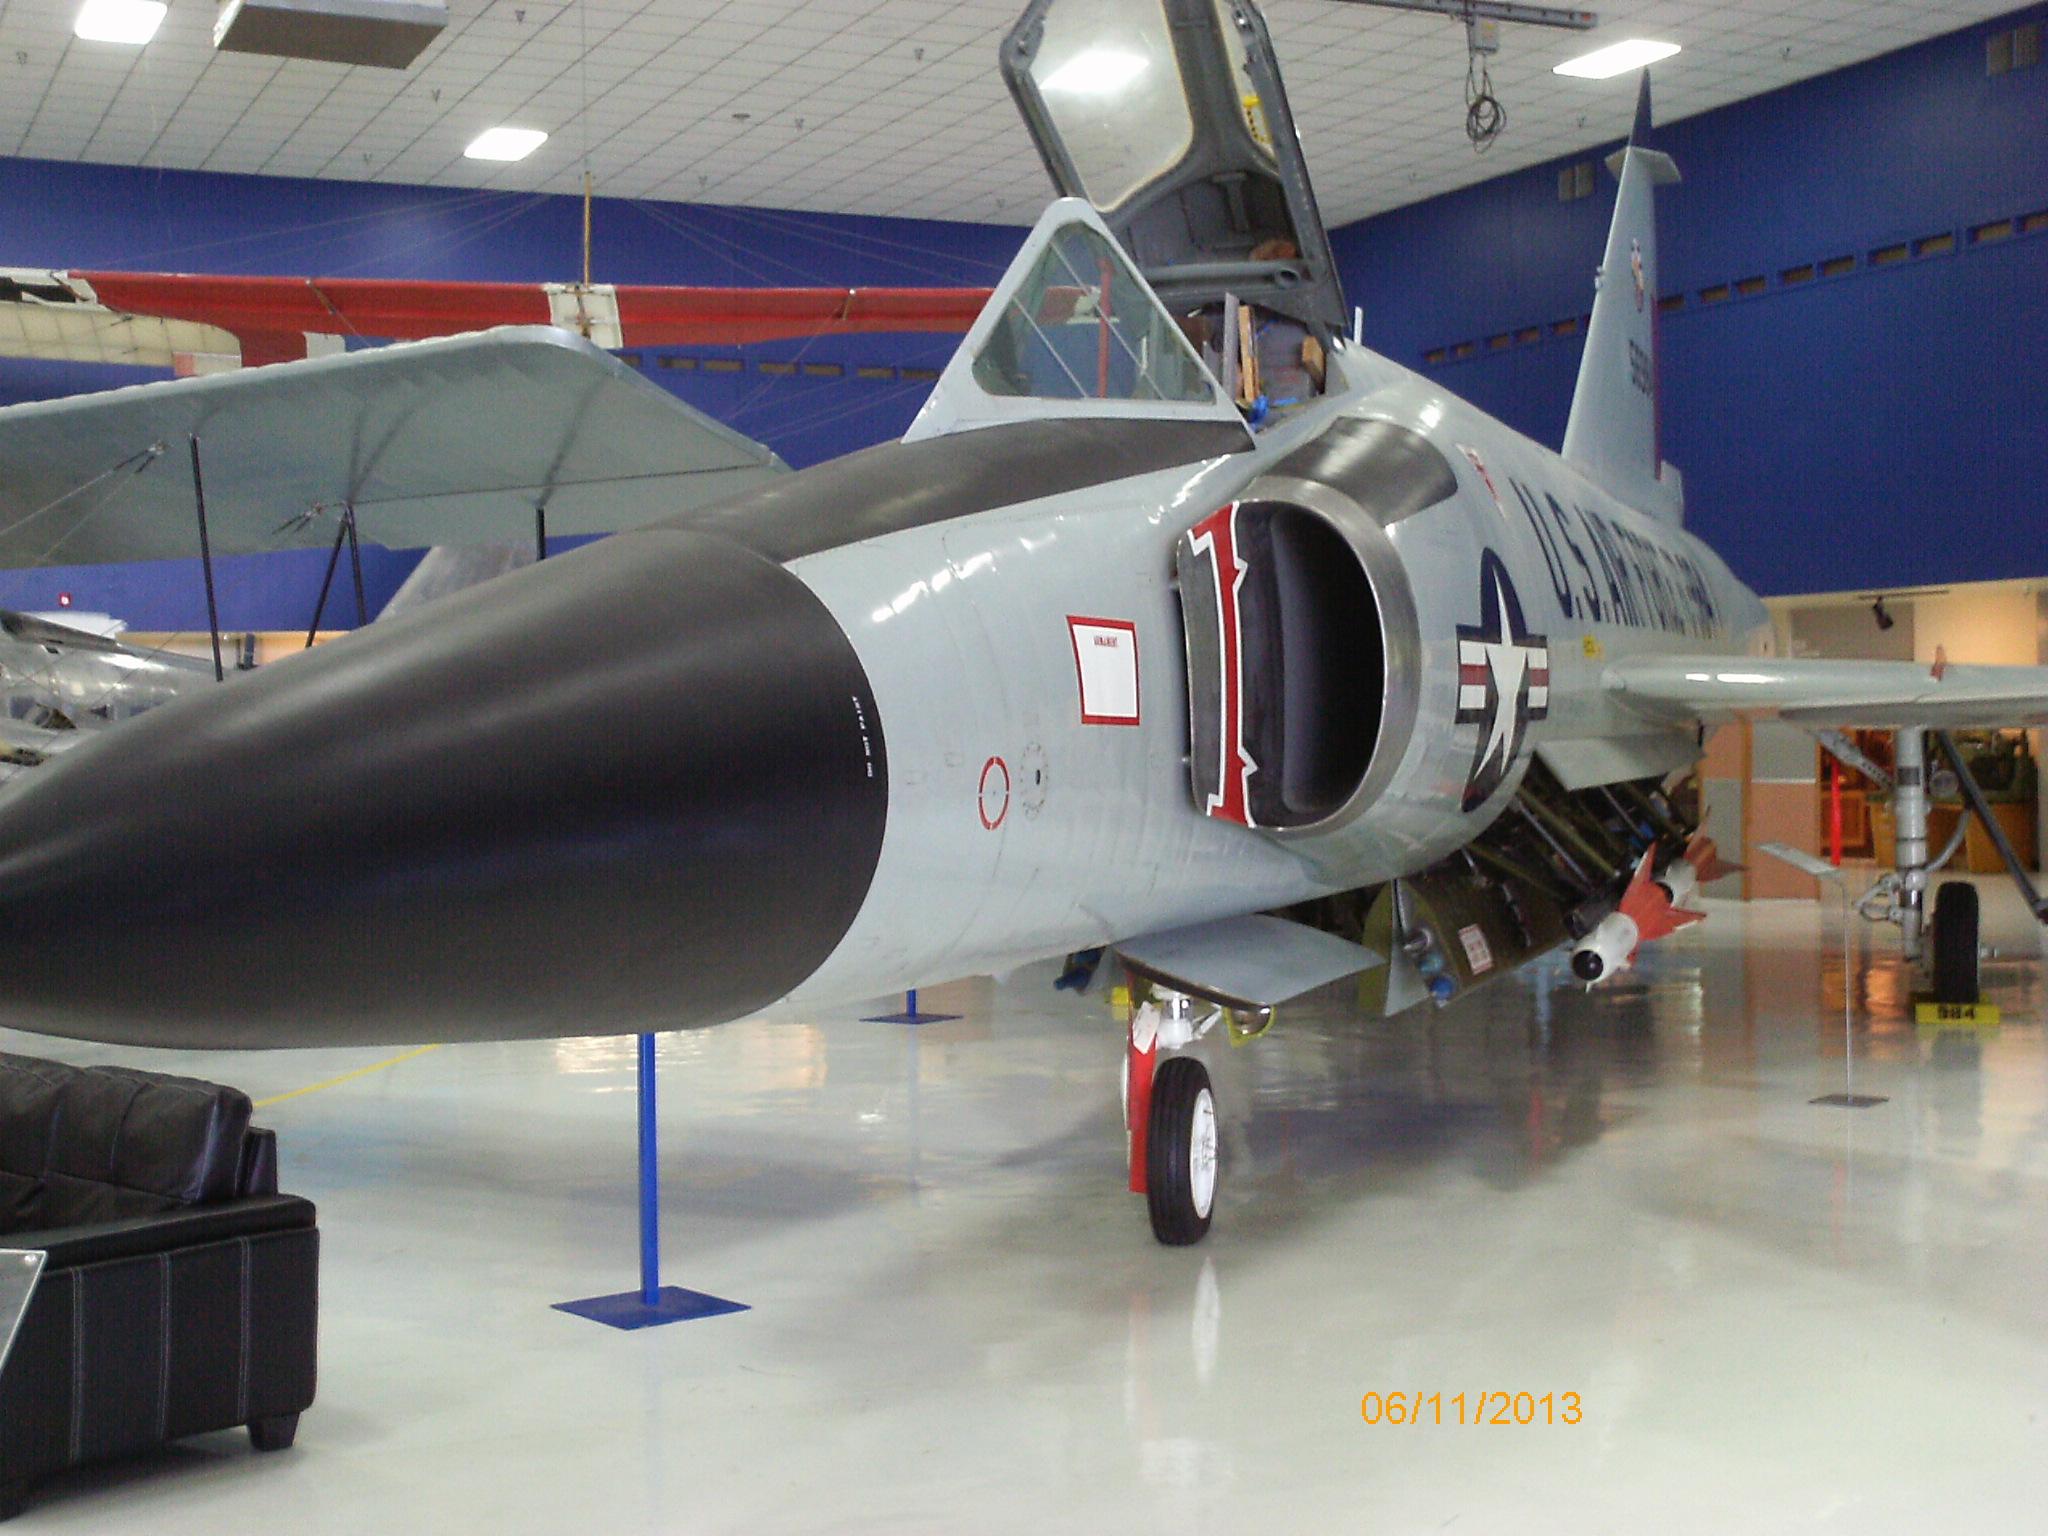 WingsOverRockiesMuseumF102CDeltaDagger.jpg